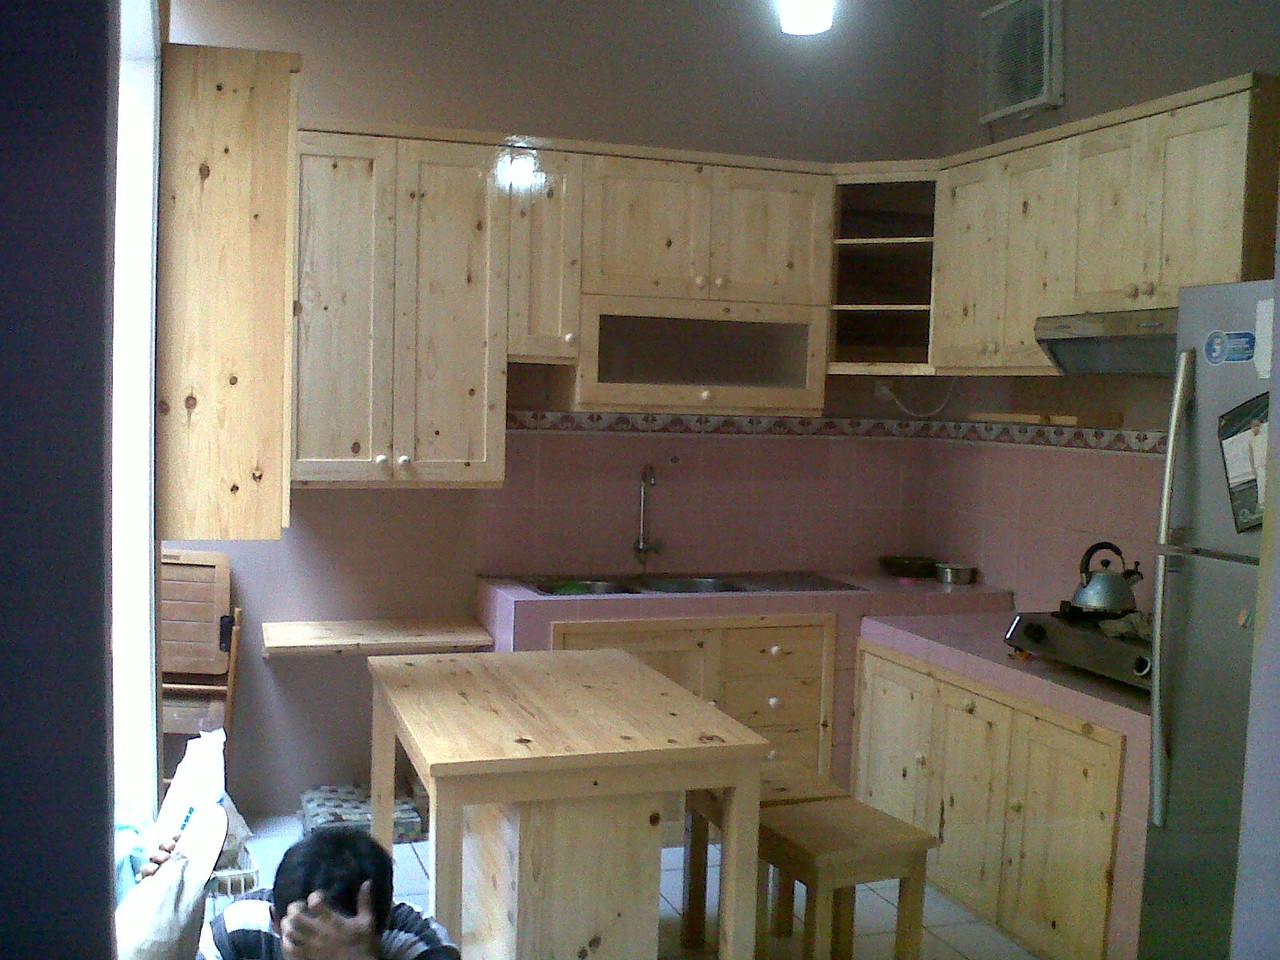 Jual Dinomarketr Pasardinotm Kitchen Set Jati Belanda Kitchen Set